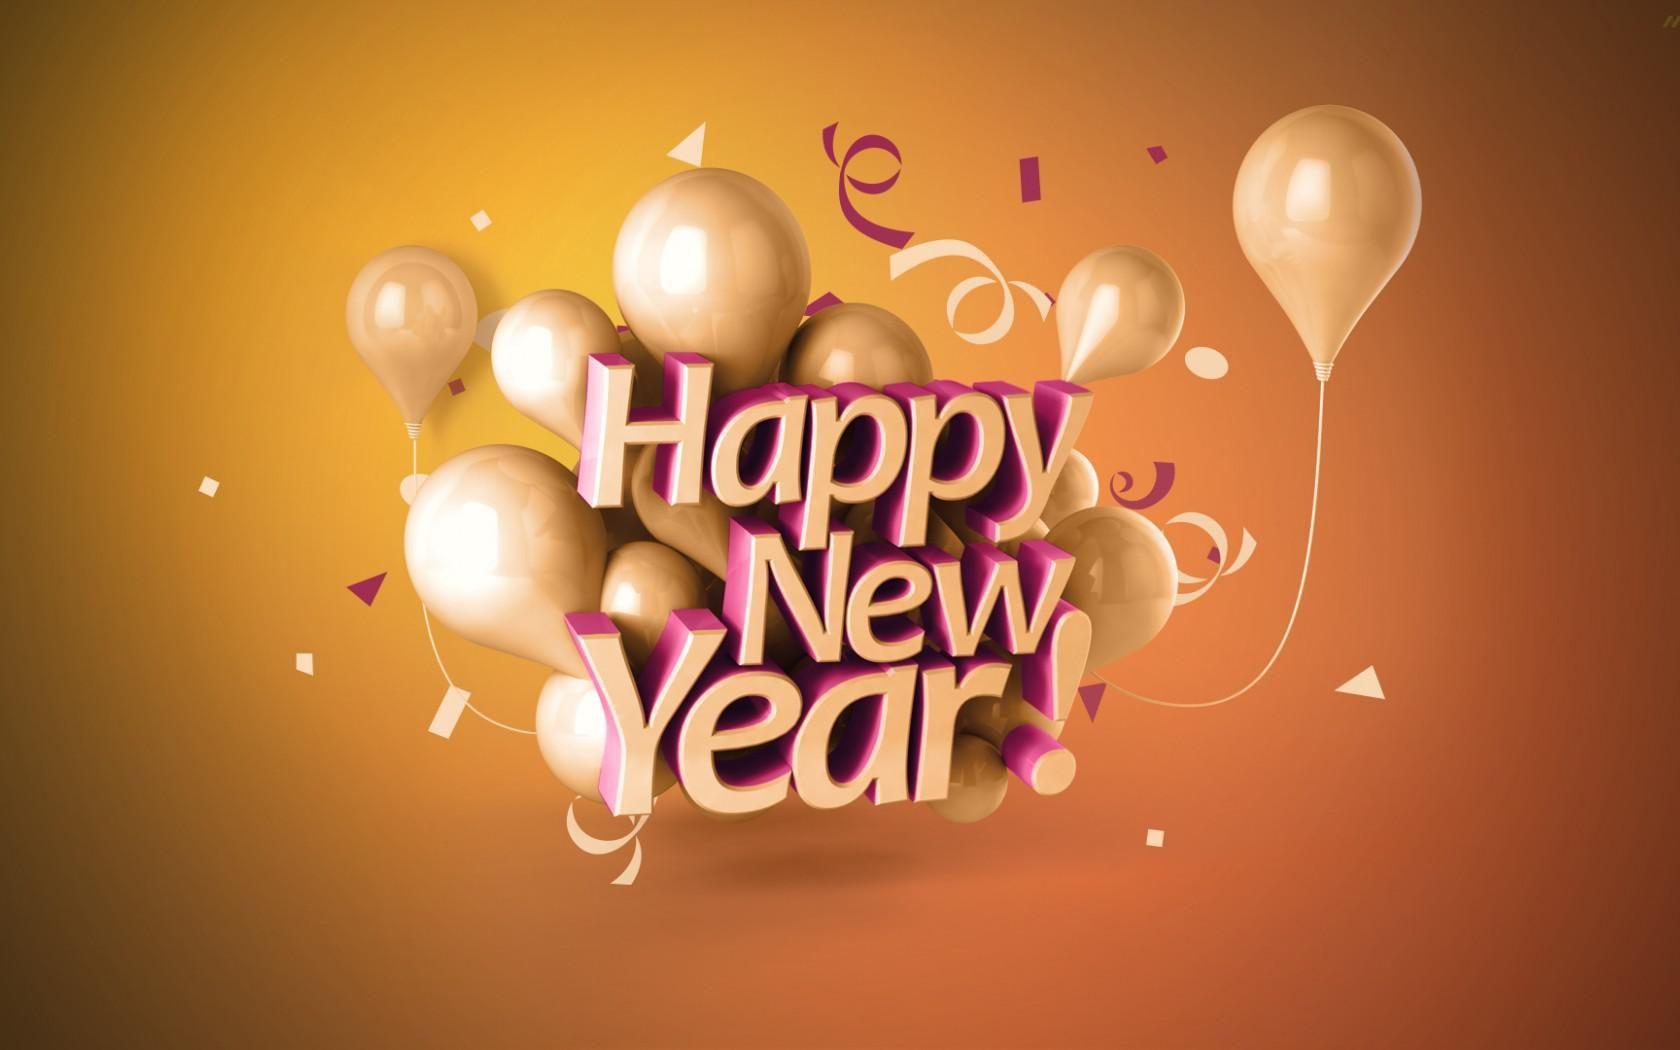 Happy New Year 2021 WhatsApp Status Images1